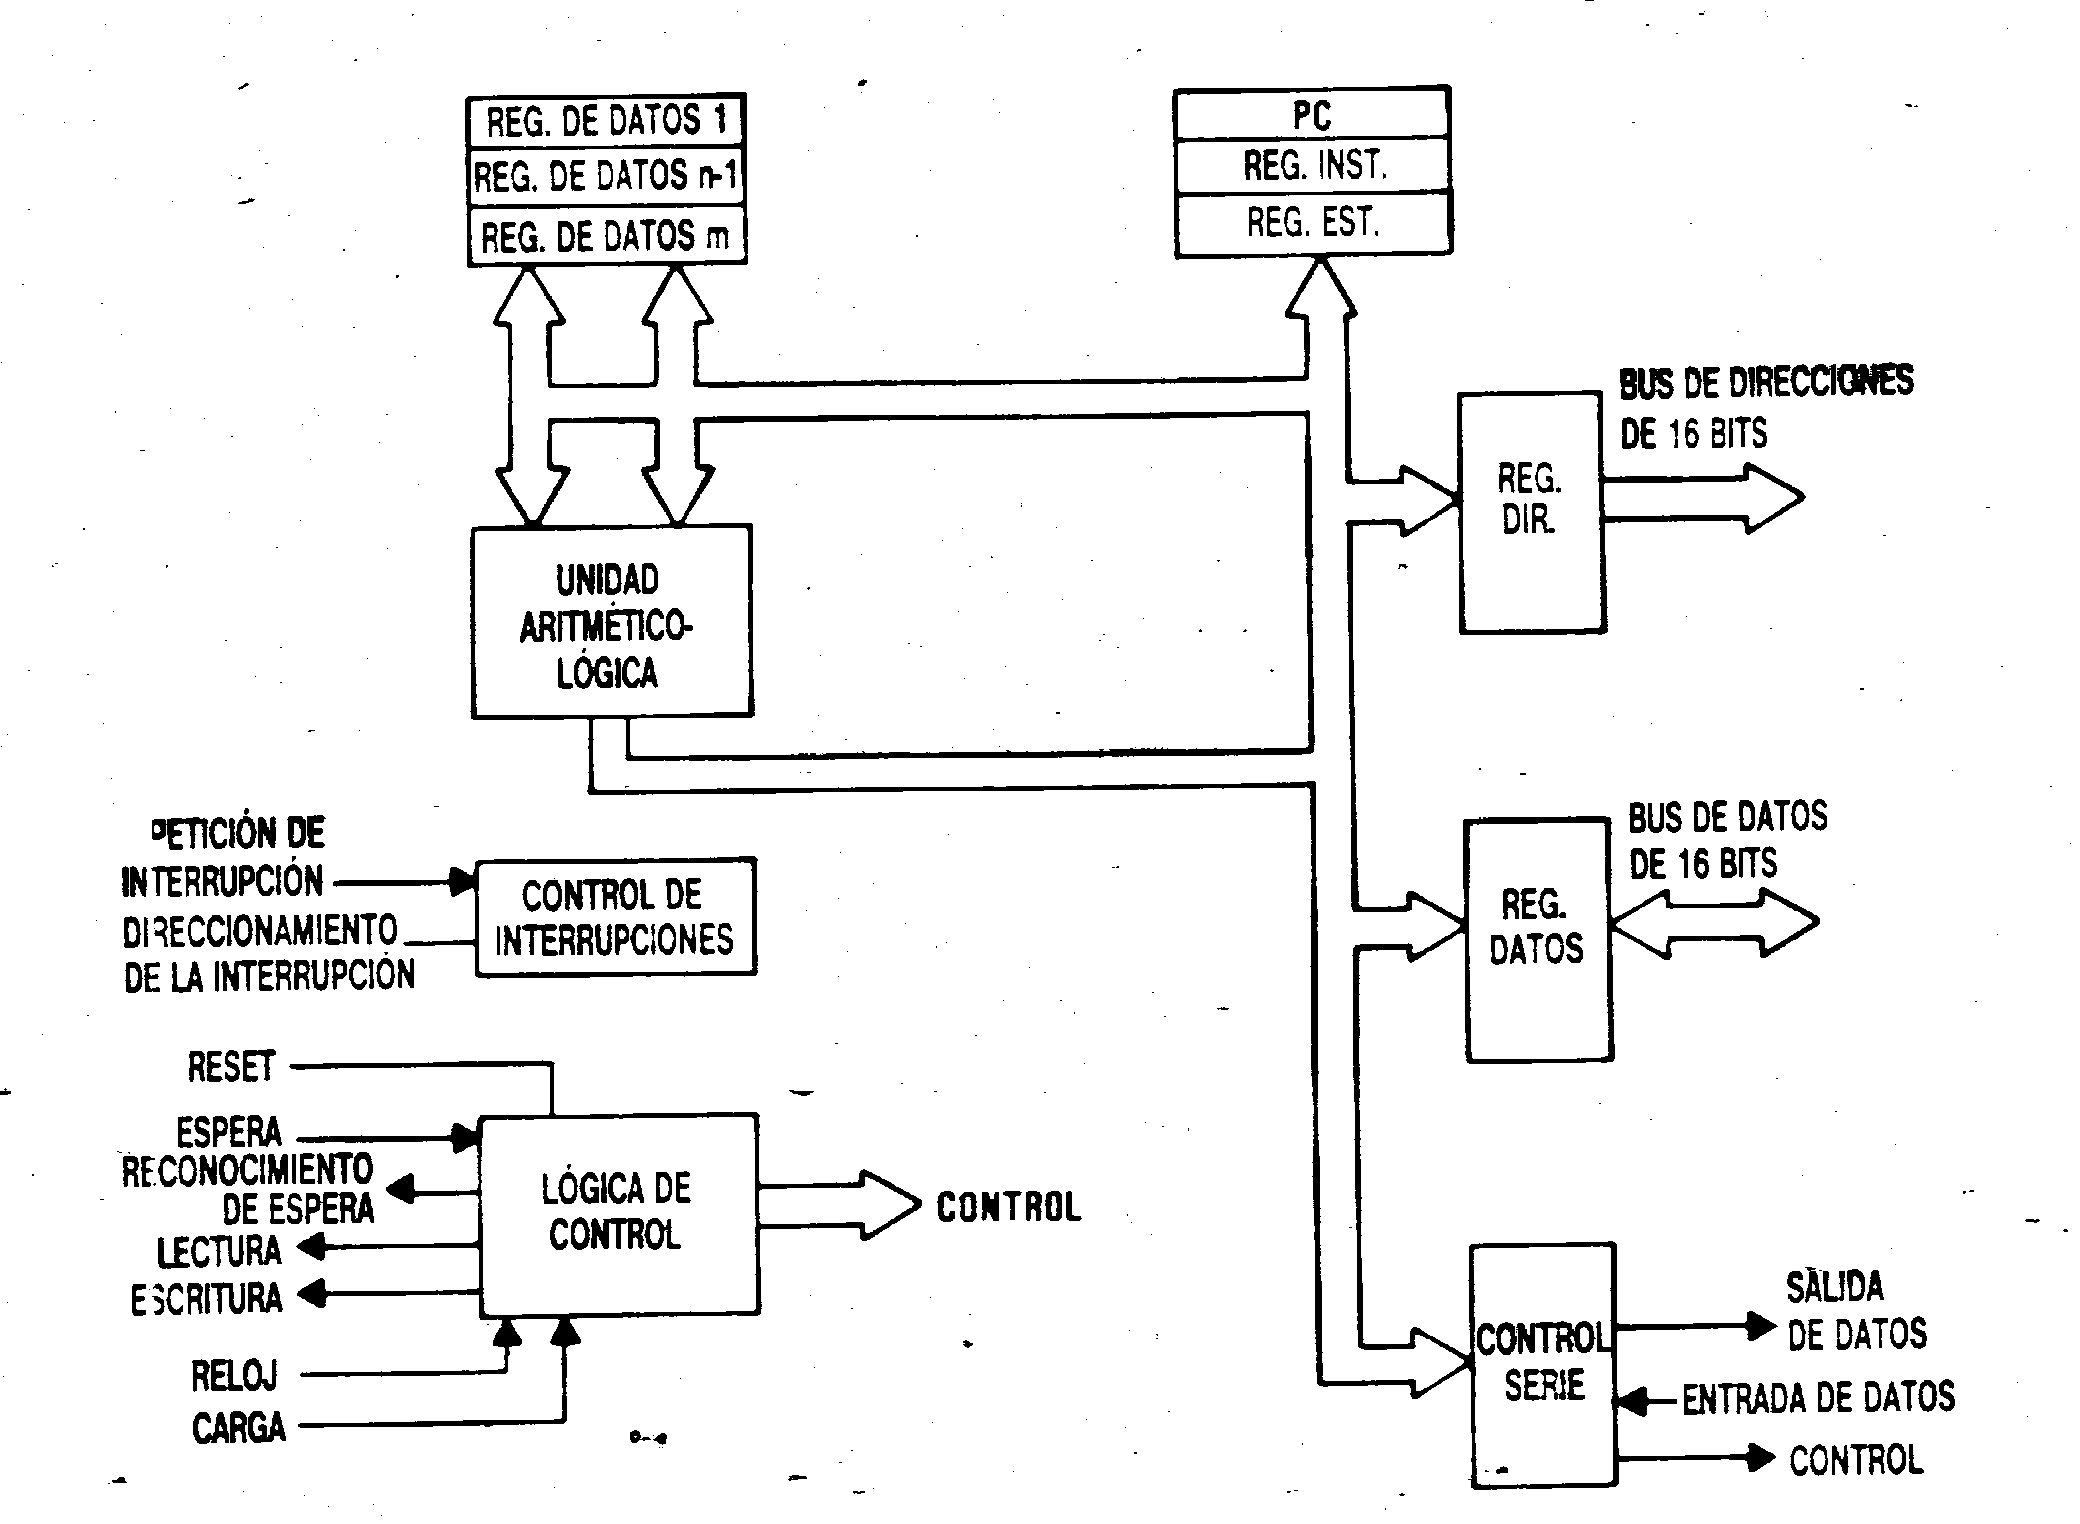 'Circuitos integrados'